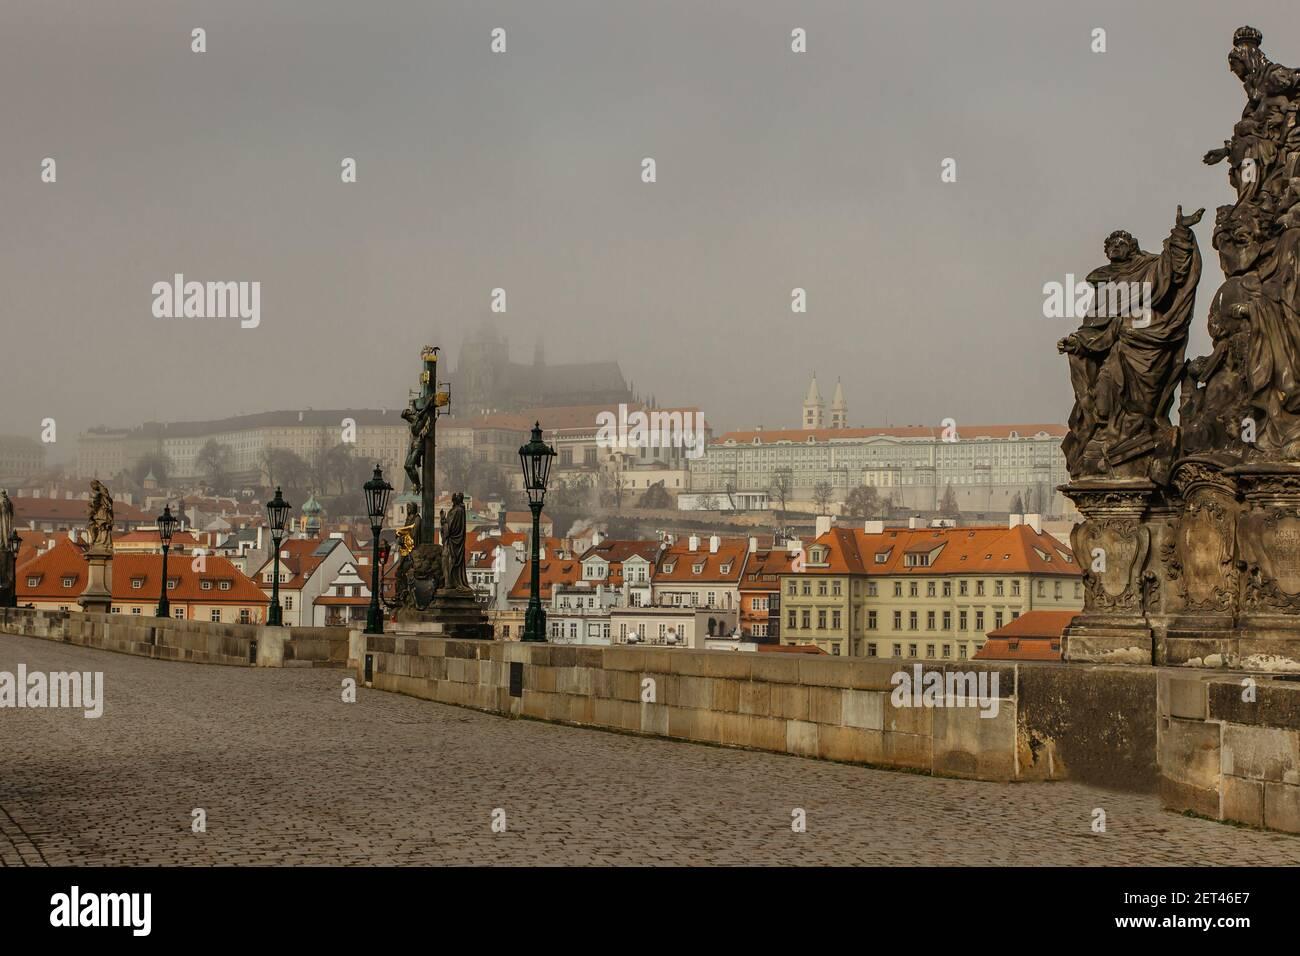 Vista postal del Castillo de Praga en niebla desde el Puente de Carlos, república Checa.destino turístico famoso.Praga panorama.Foggy mañana en la ciudad. Foto de stock